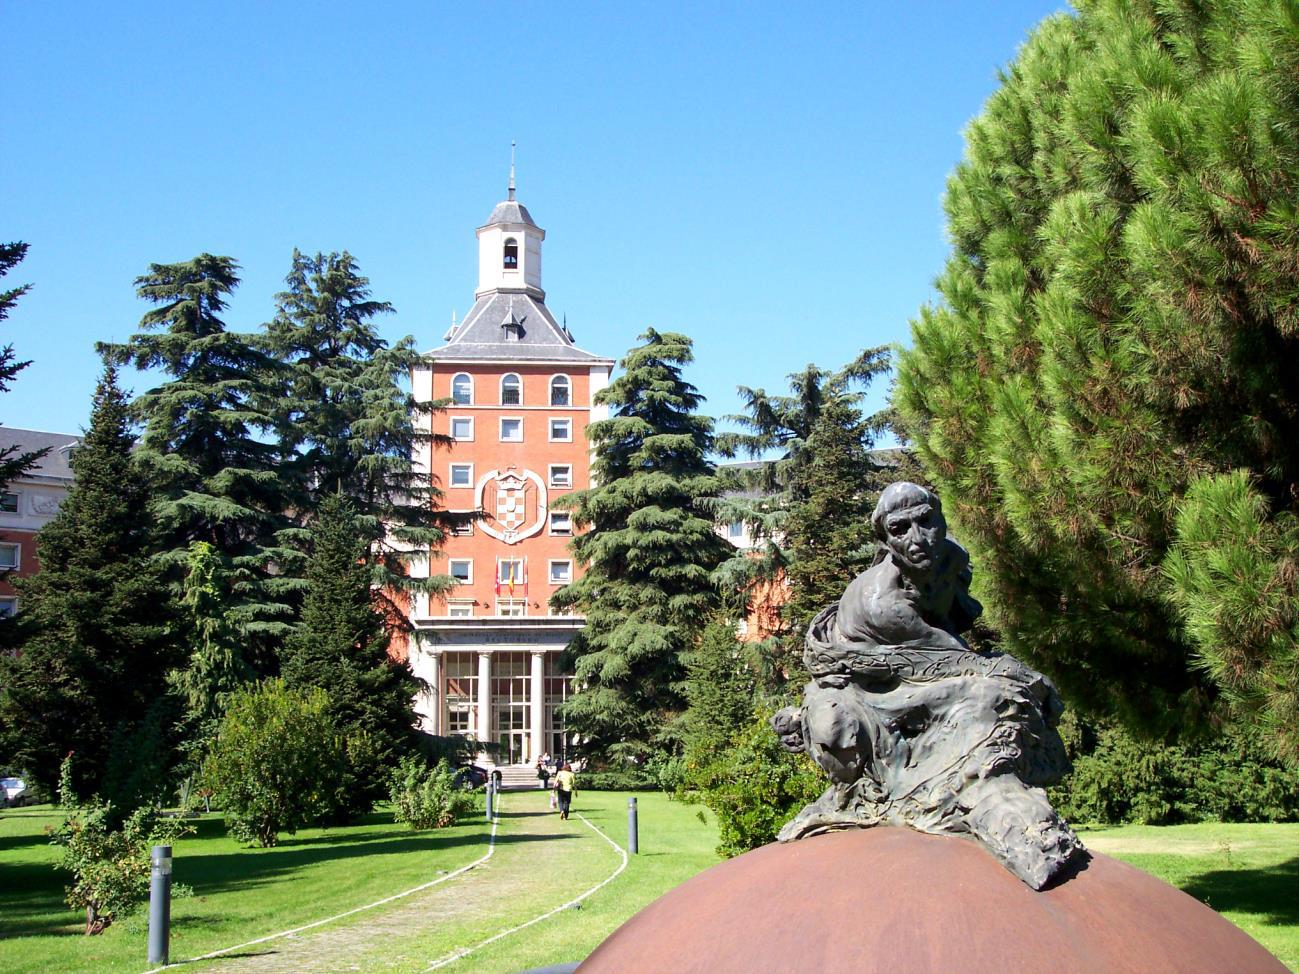 Universidad Complutense de Madrid - Мадридский университет Комплутенсе считается одним из лучших государственных учебных заведений в Испании.